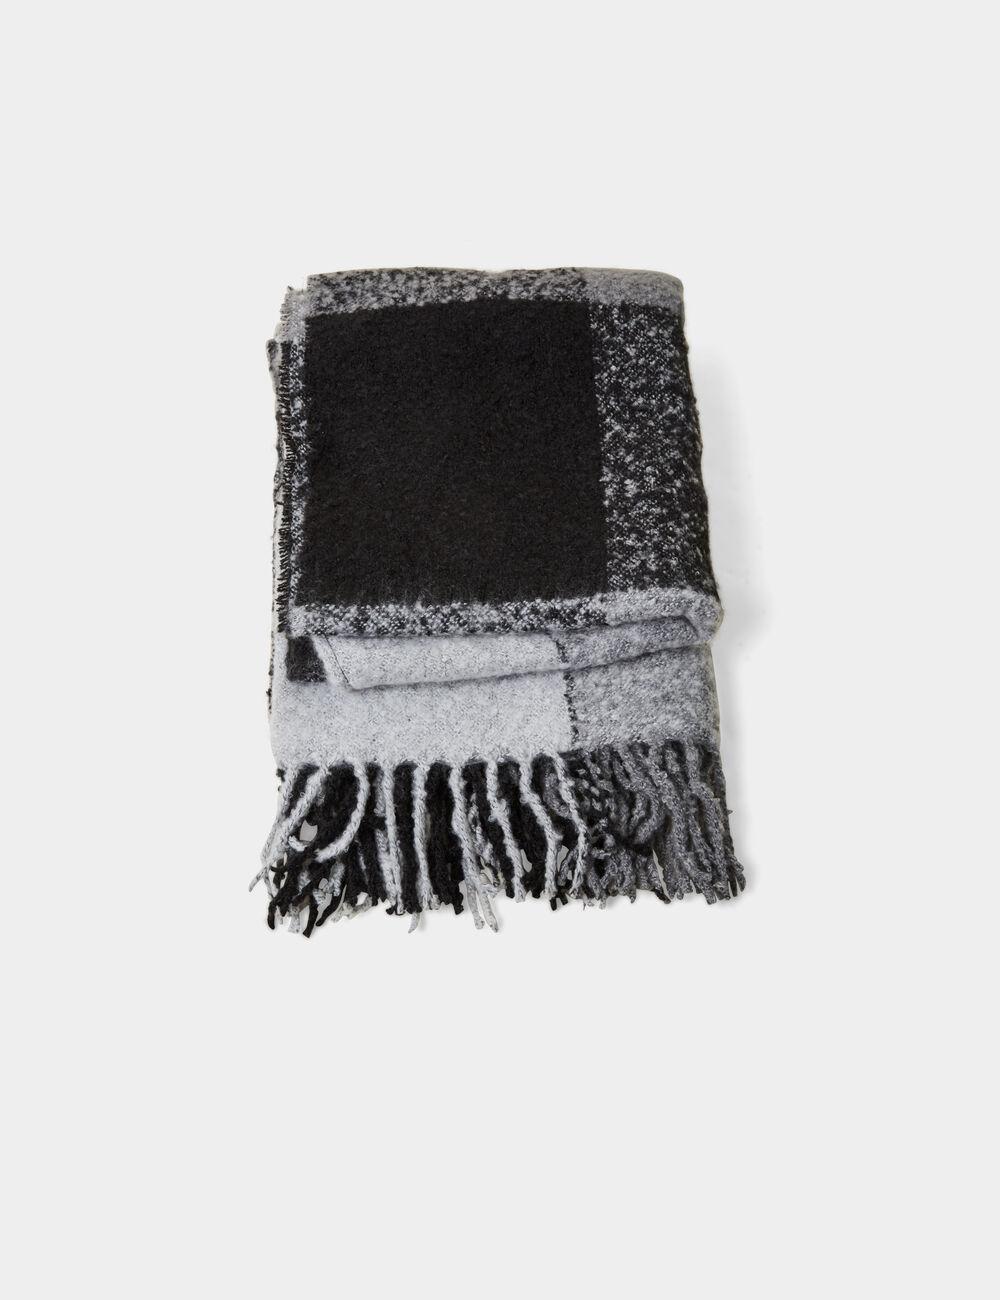 Écharpe plaid texturée grise et noire femme • Jennyfer 4f327b92b8c